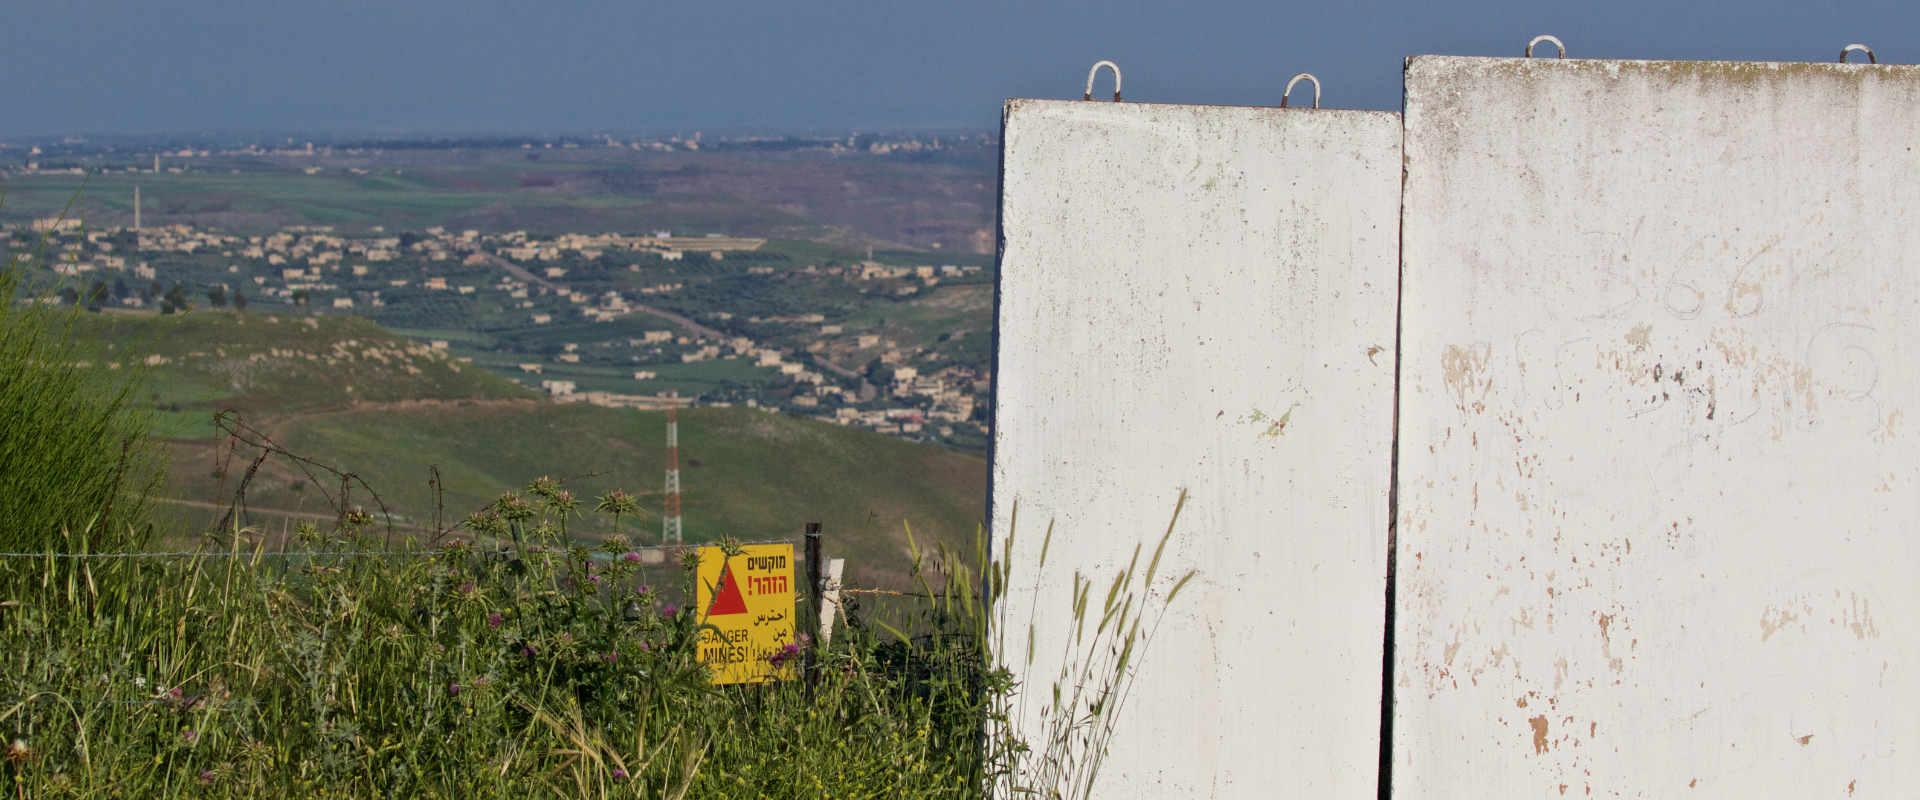 גבול ישראל-סוריה, בשנה שעברה